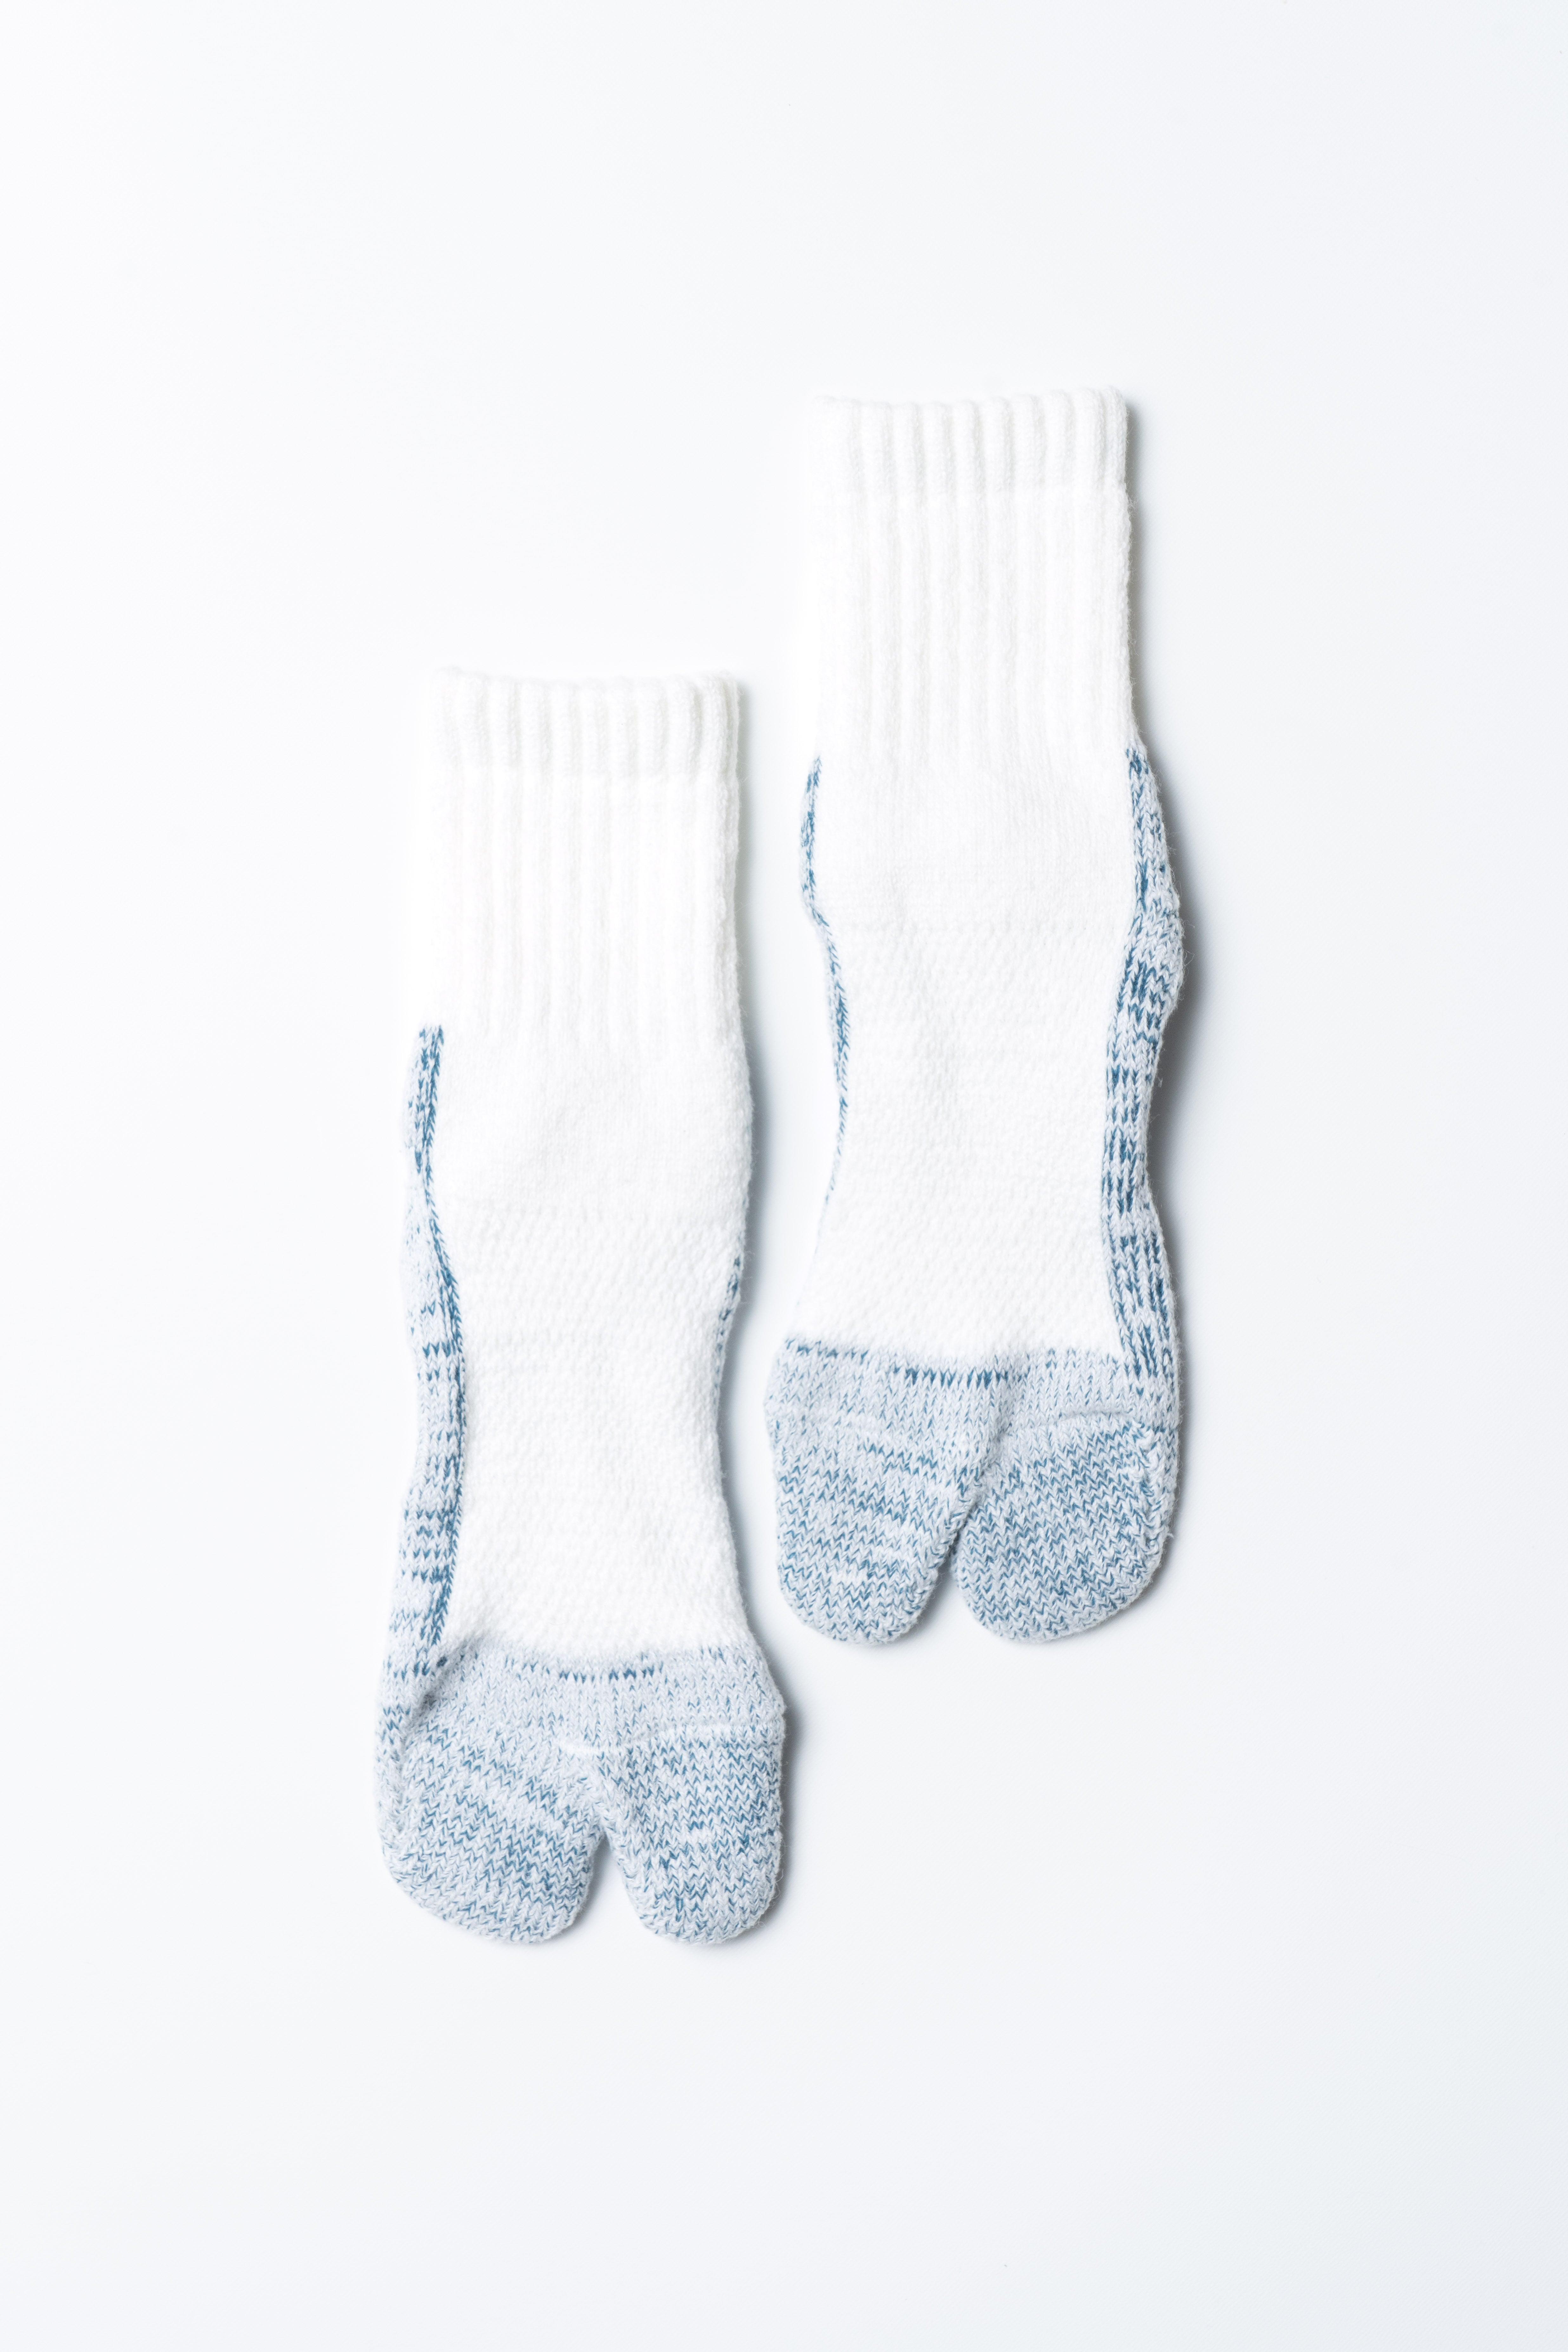 84N Wool Socks(White × Sky blue)